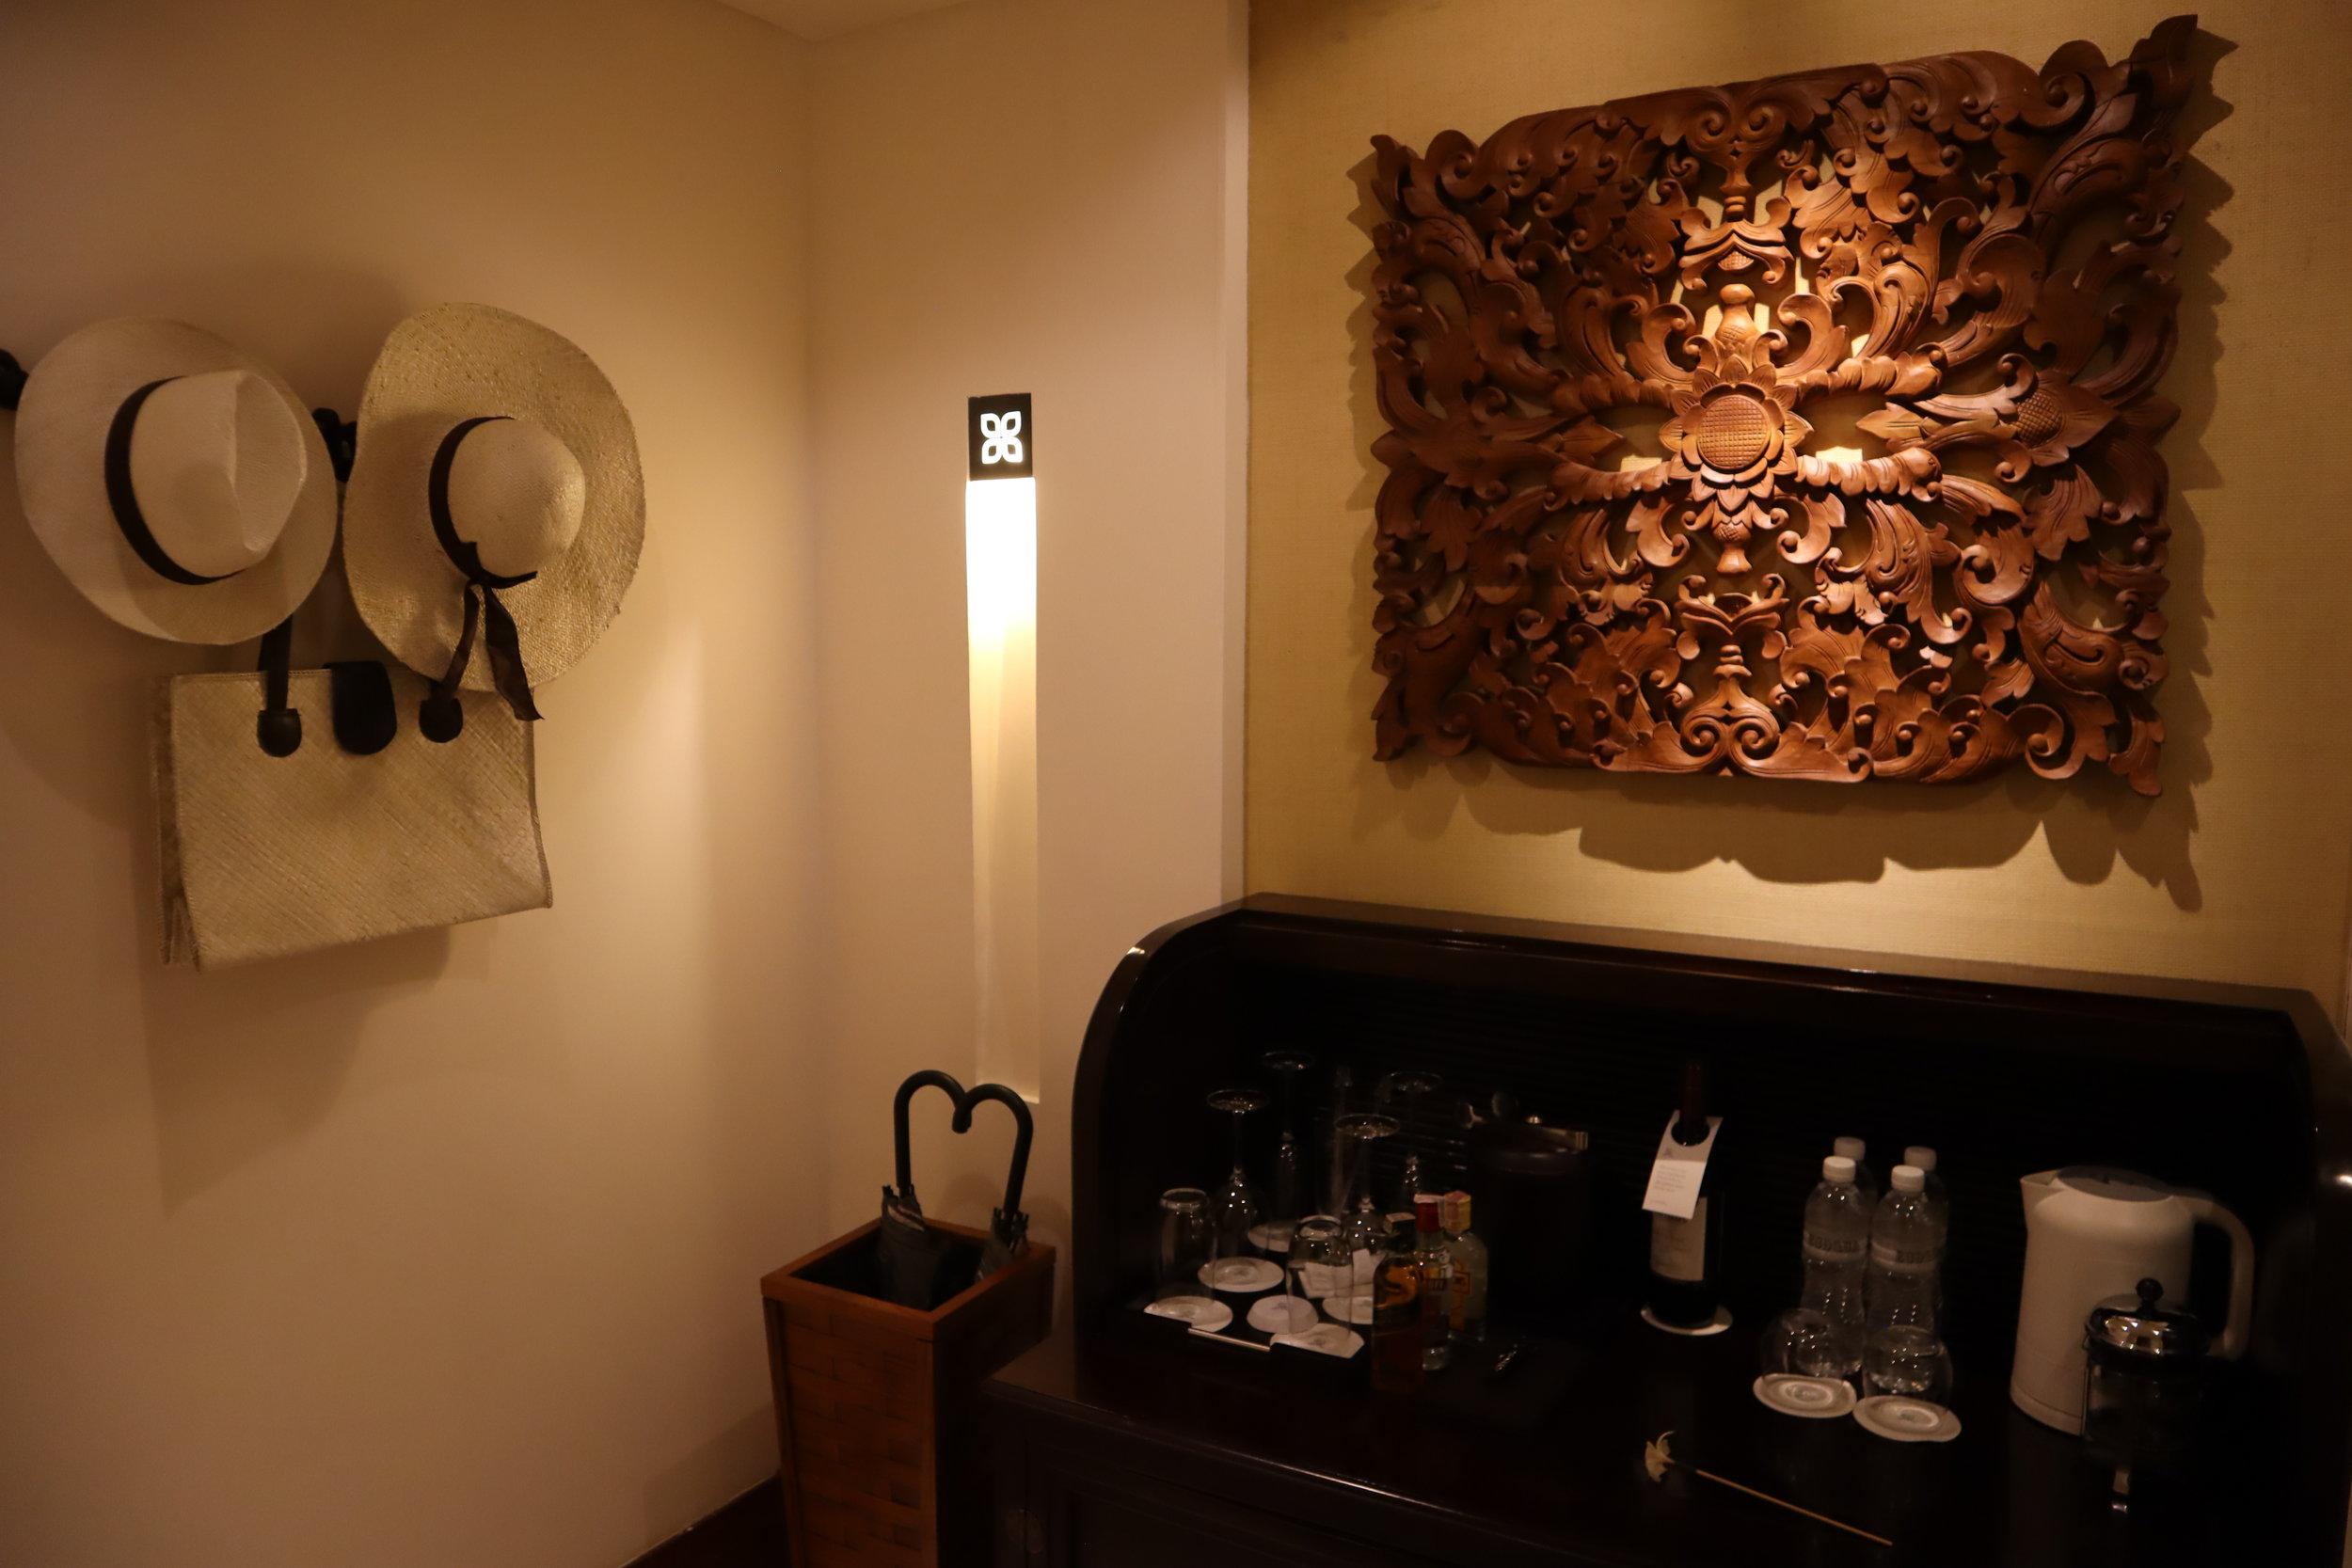 St. Regis Bali – St. Regis Pool Suite resort amenities